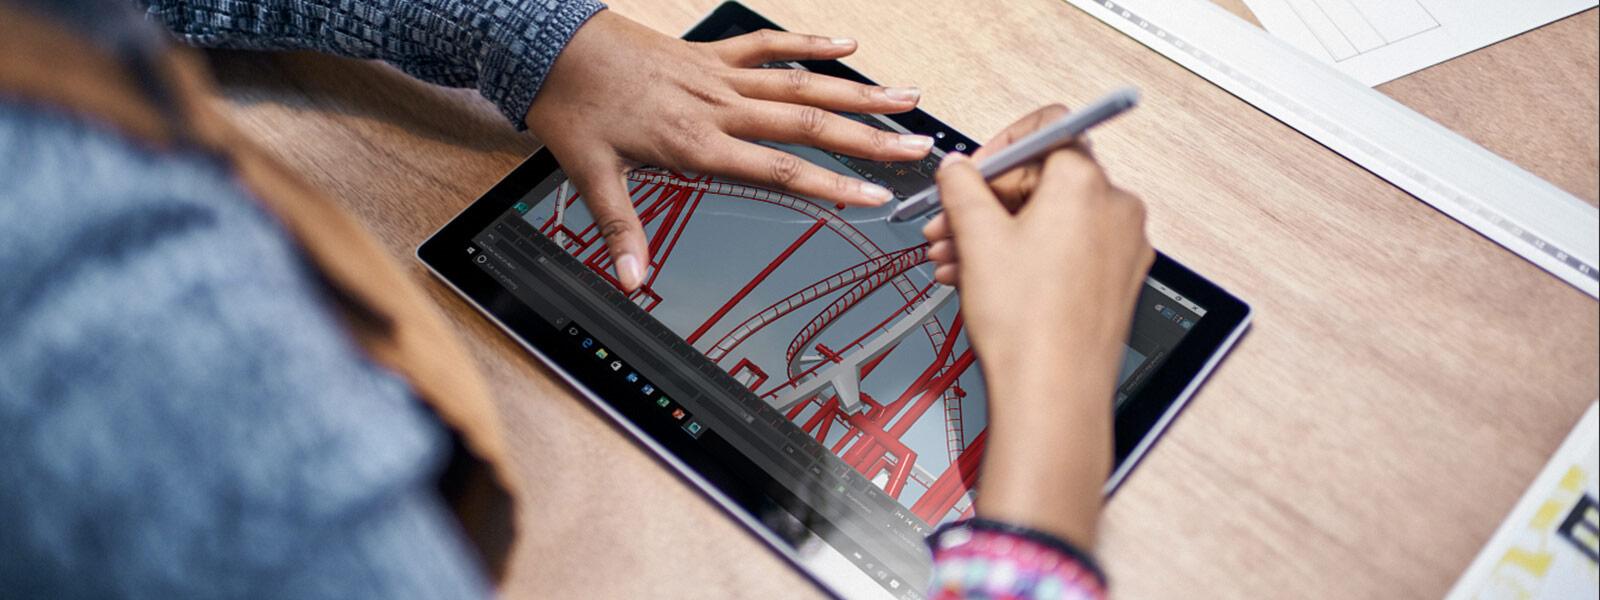 女人使用 Surface 触控笔在 Surface 屏幕上绘画。